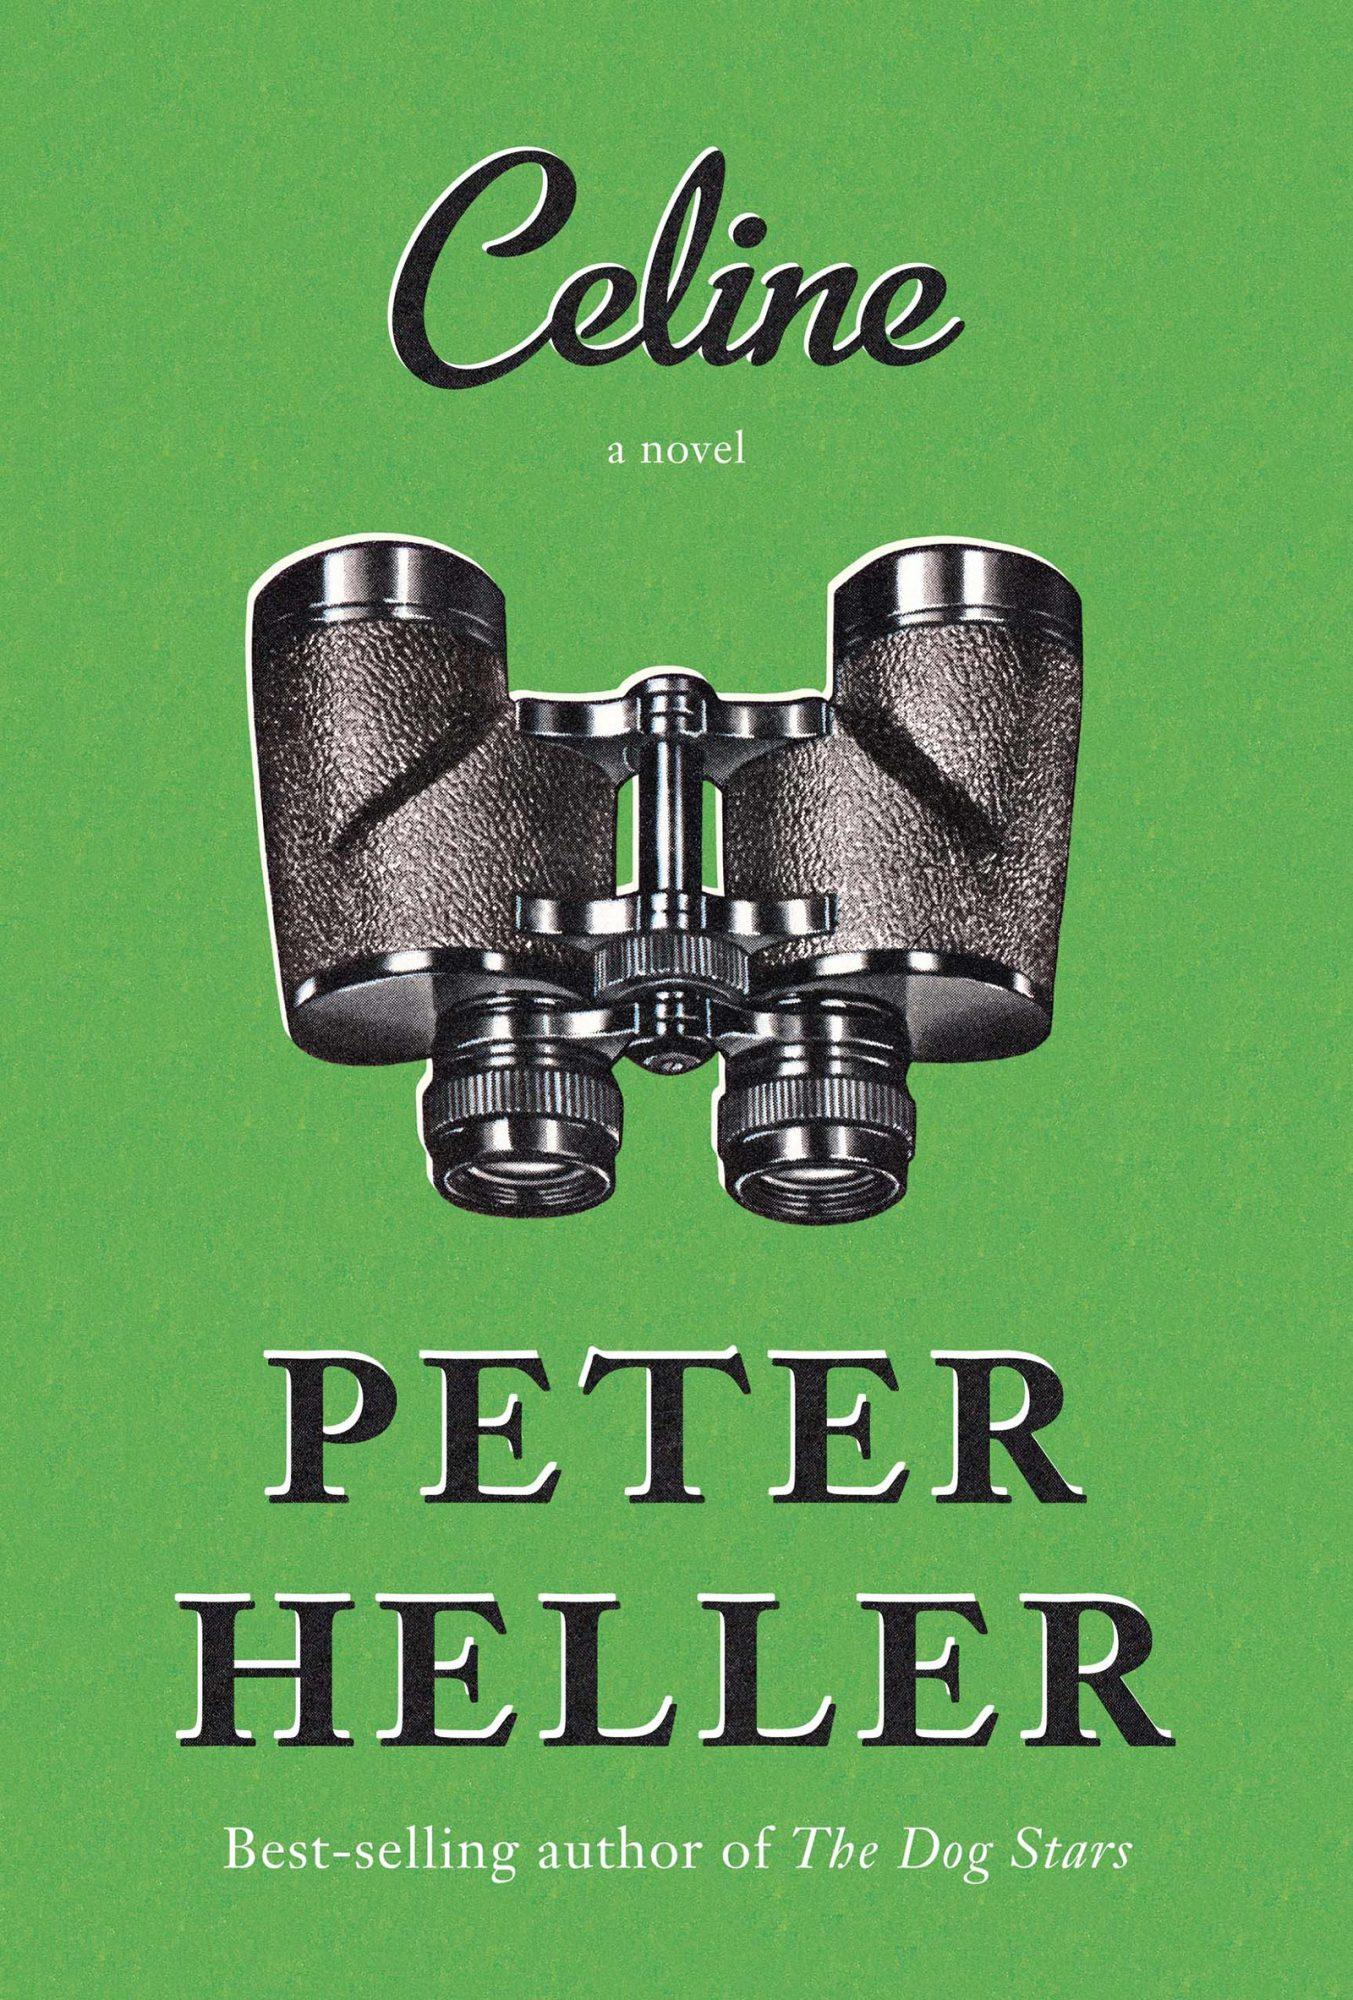 Celine: A novel (3/7/2017)by Peter Heller†